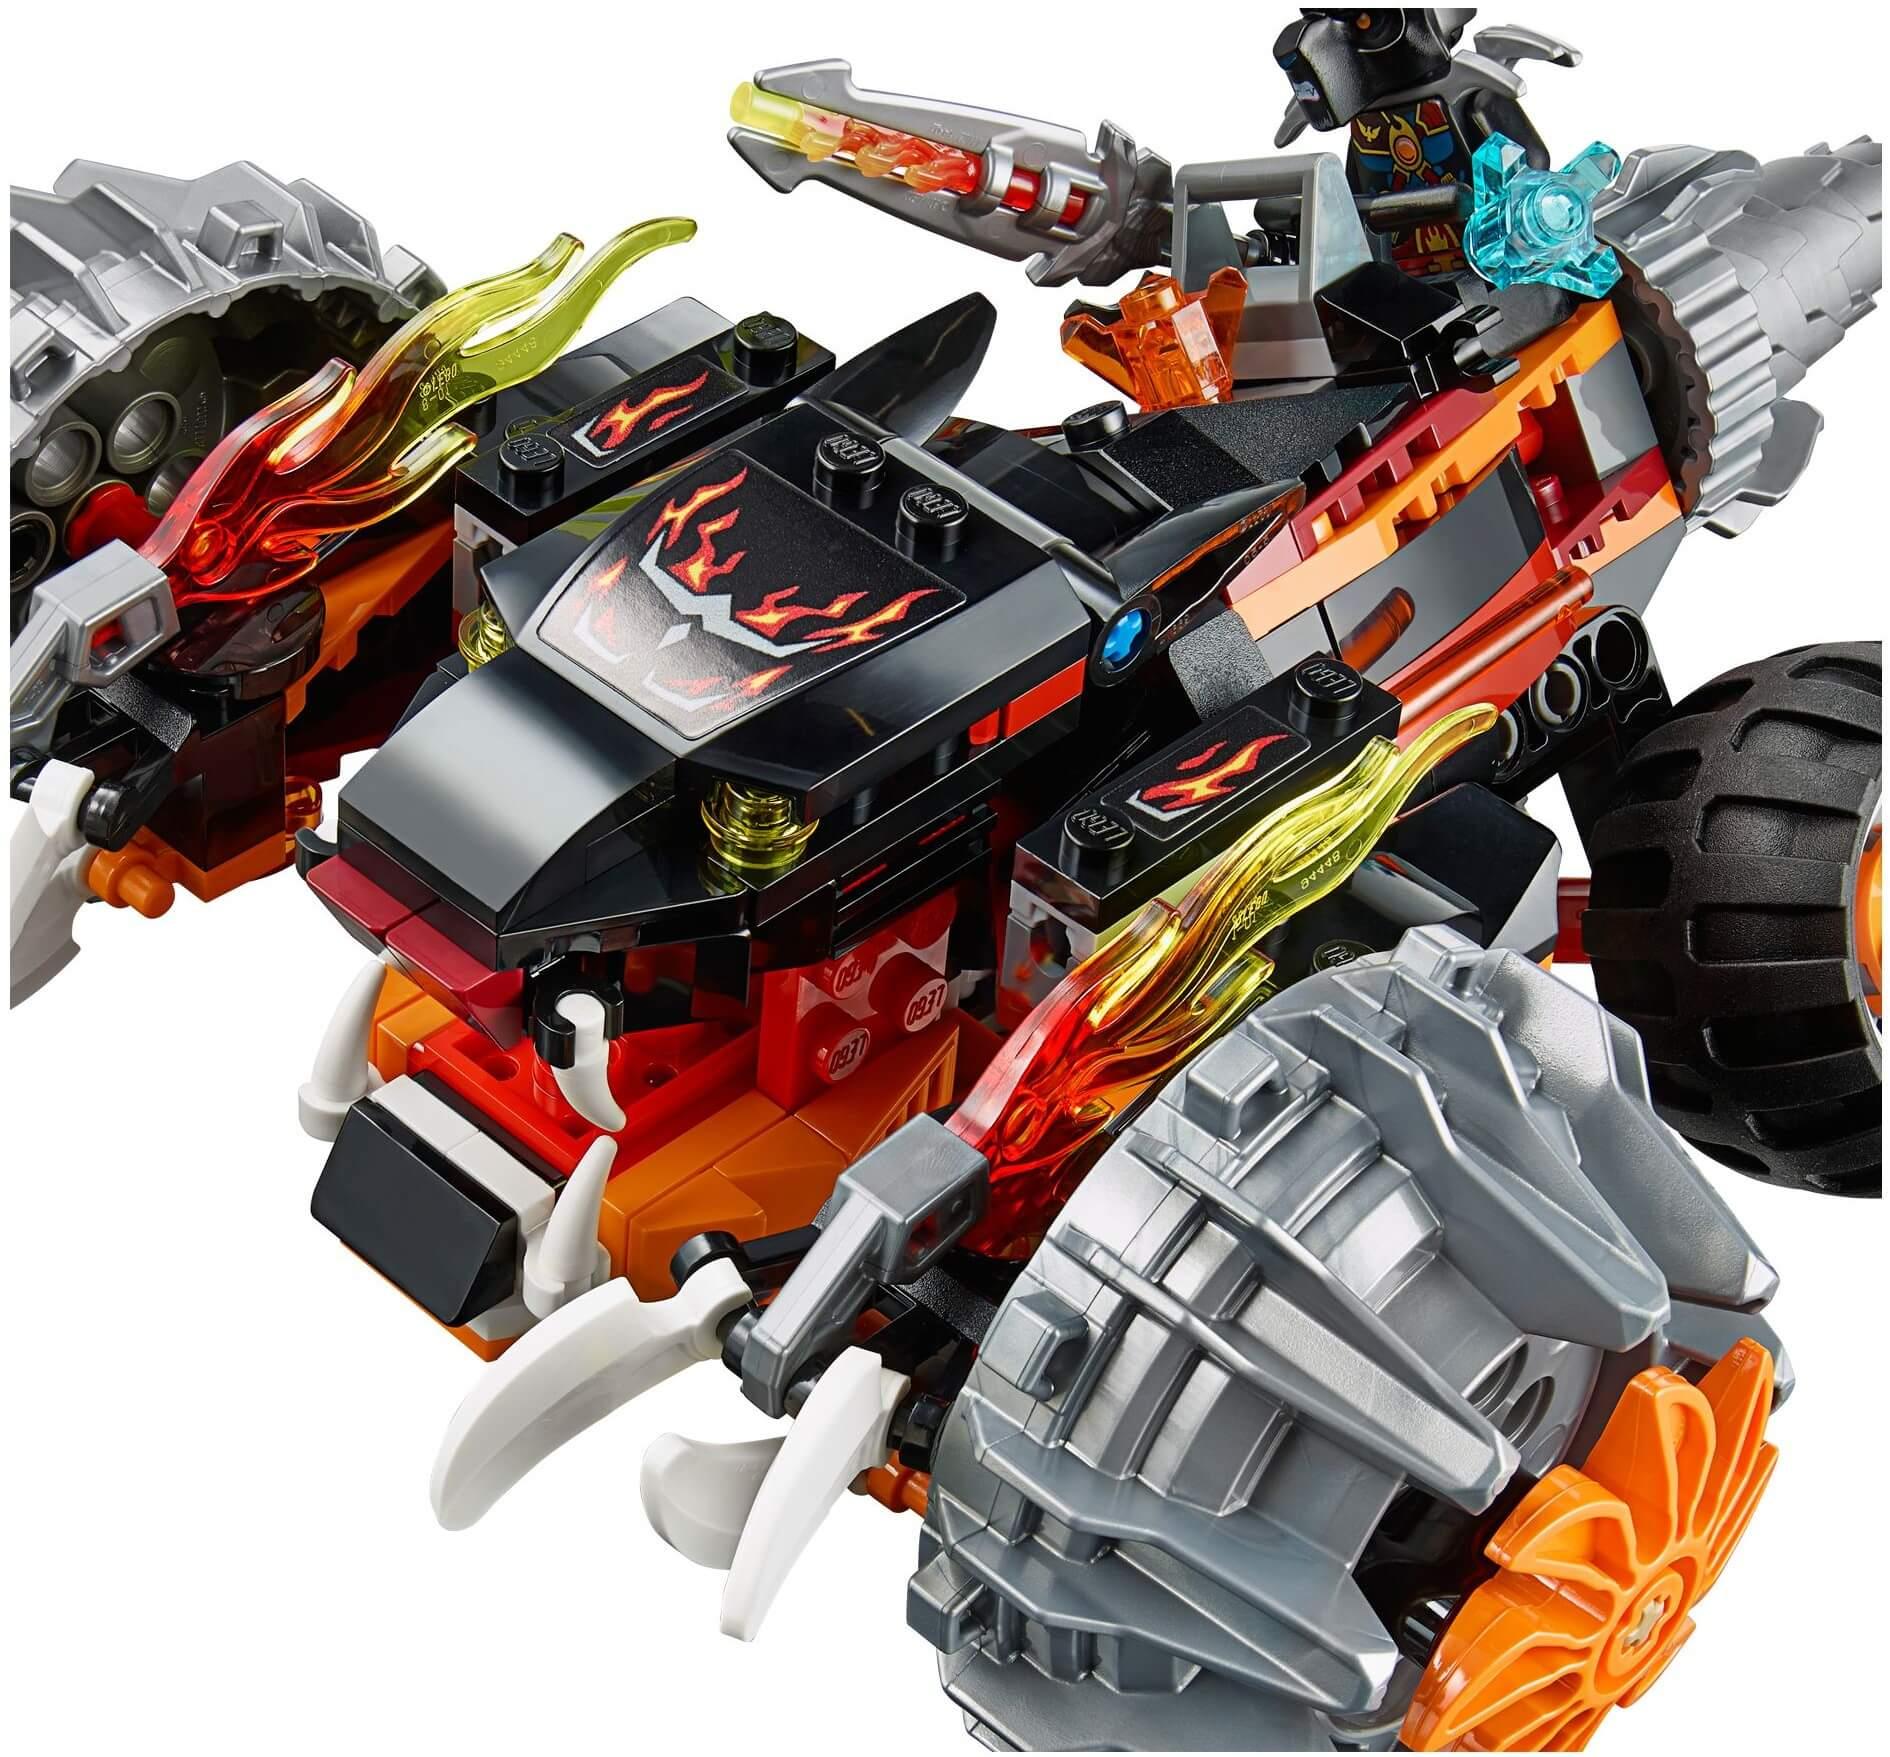 Mua đồ chơi LEGO 70222 - LEGO Chima 70222 - Siêu Xe Hỏa Tiễn Bóng Đêm (LEGO Chima Tormak Shadow Blazer 70222)